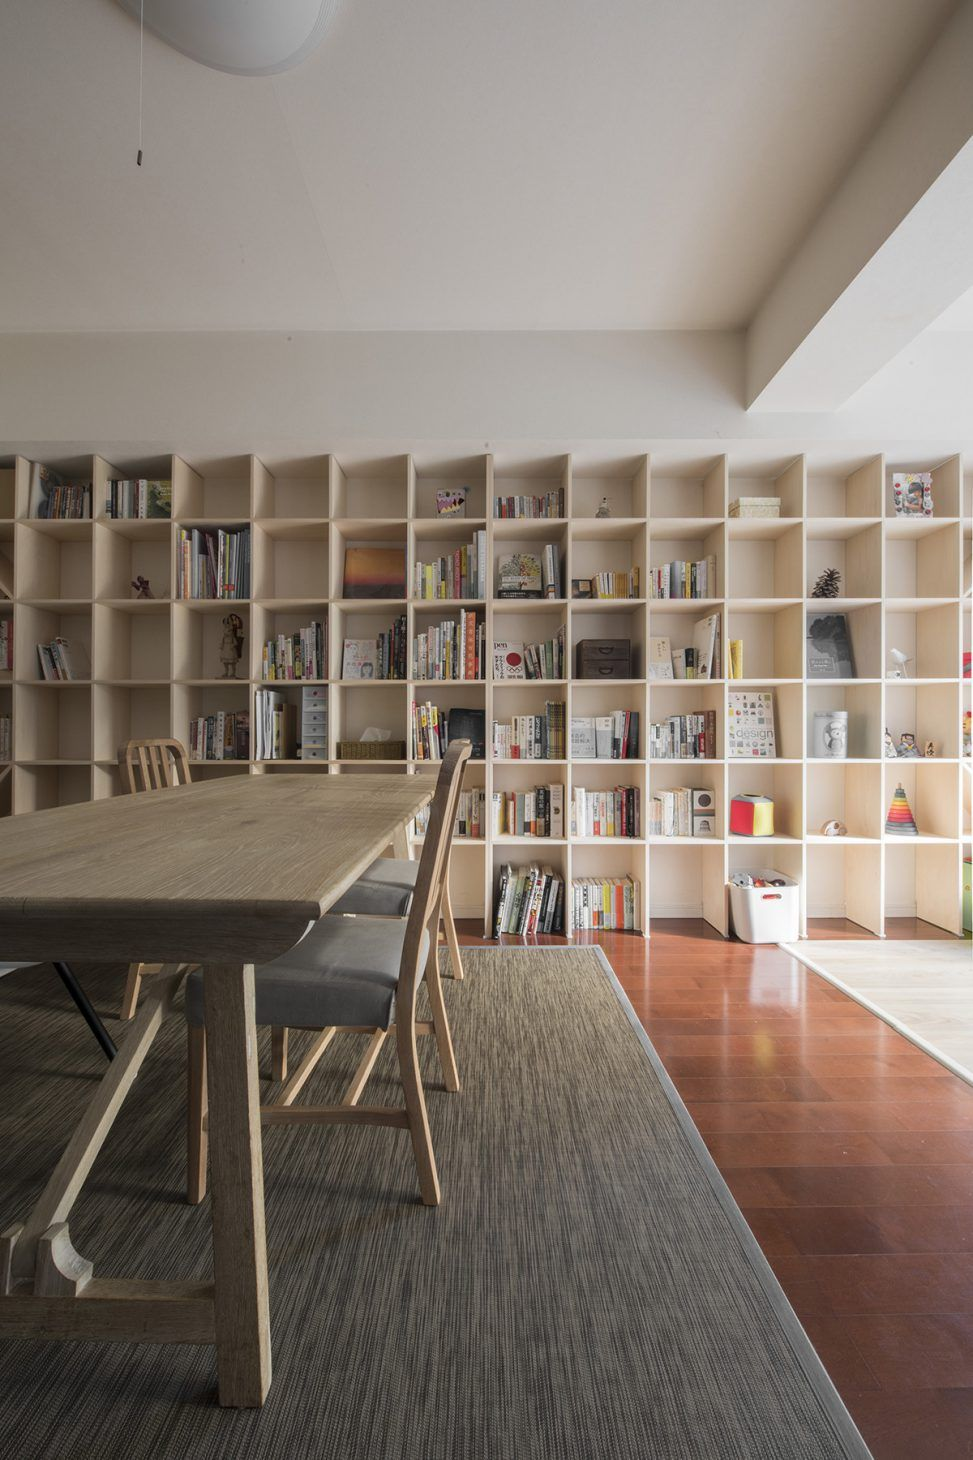 リビングの壁一面を本棚に 壁一面の本棚 奥行250mm Shelf No 48 無印良品の家 本棚 リビング 本棚